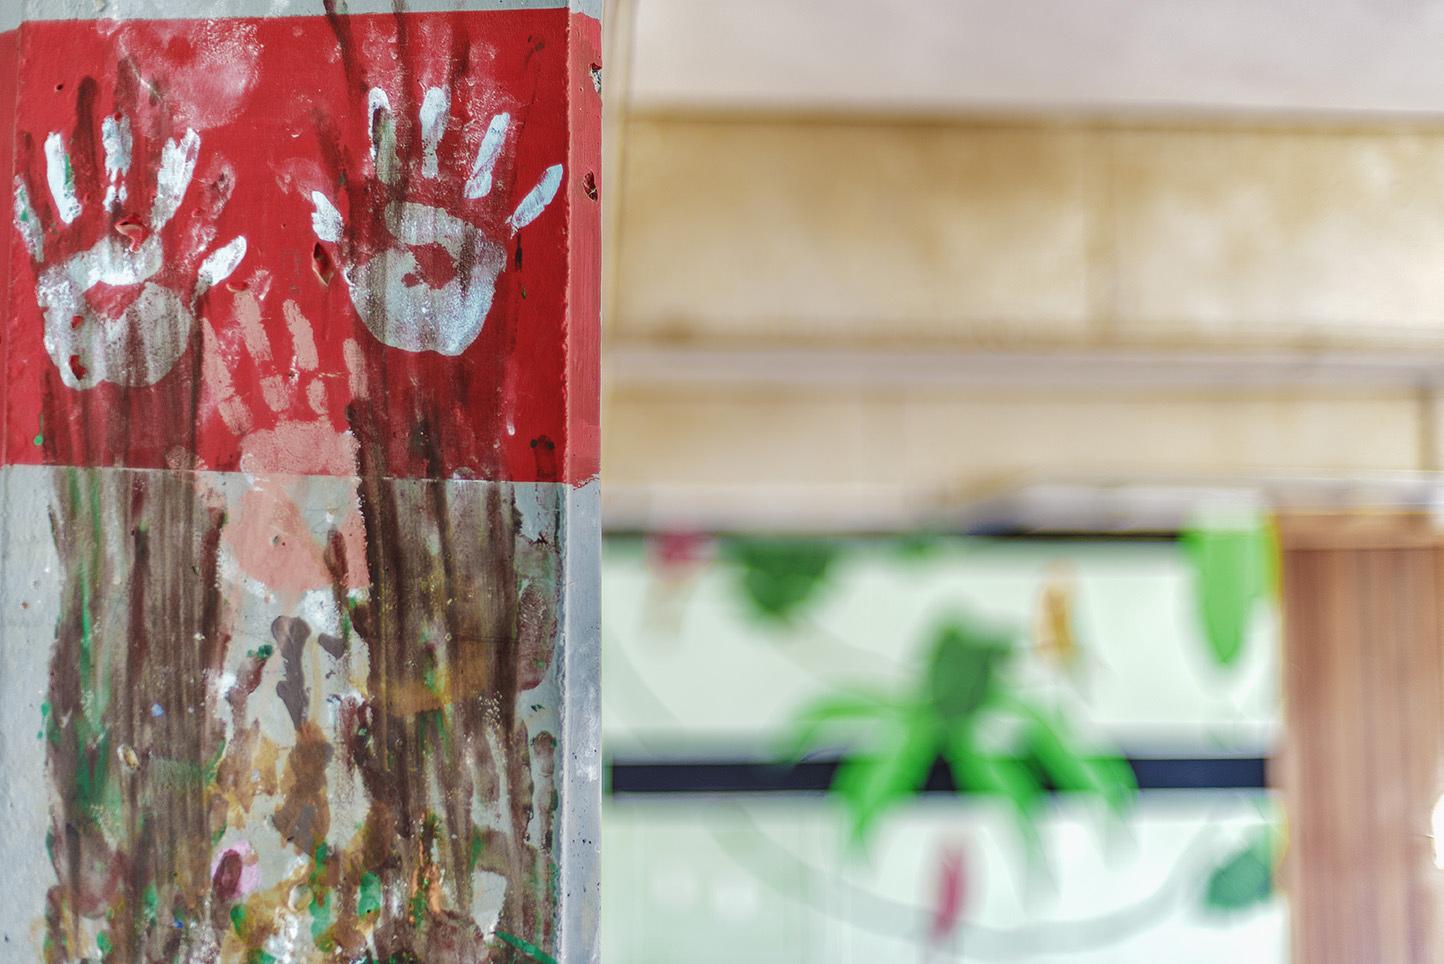 Colegio Aljarafe arte en las paredes